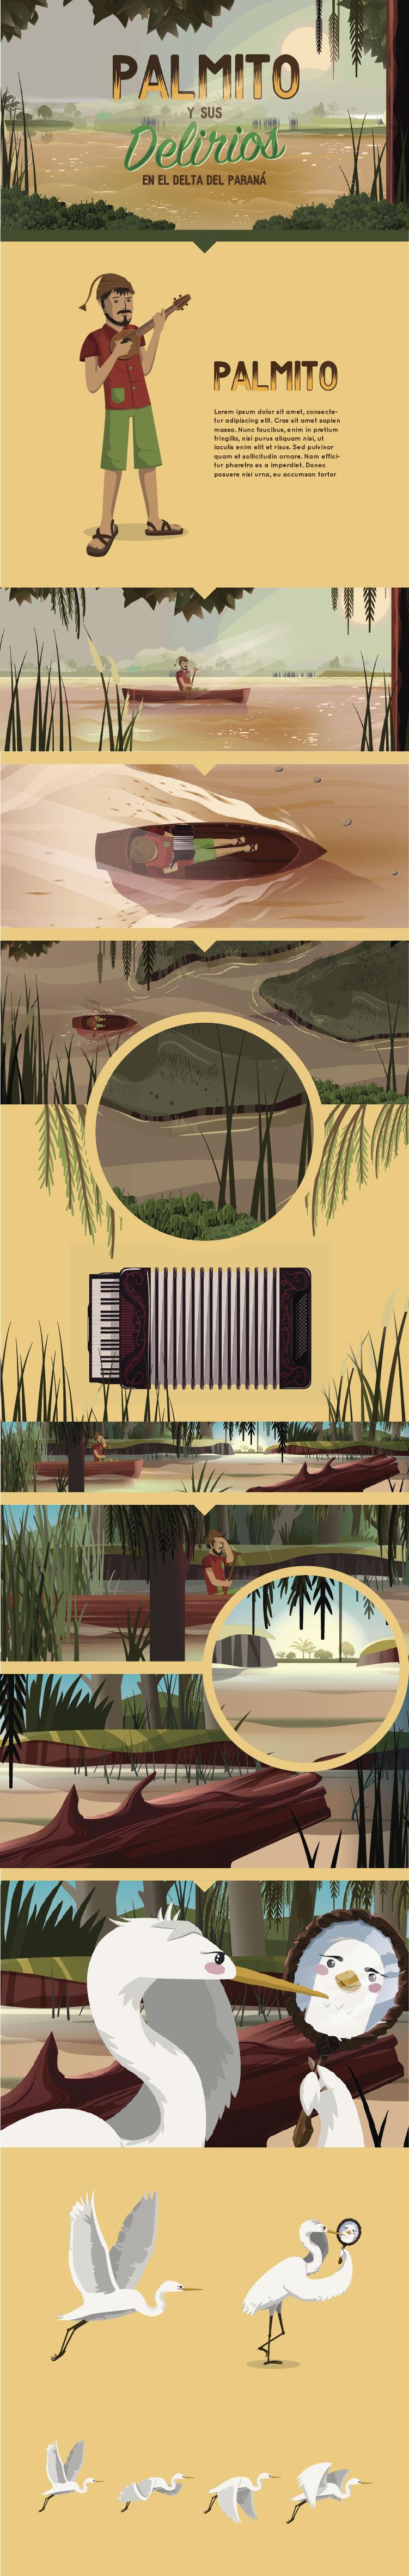 palmito-y-sus-delirios-01-ahijuna-estudio